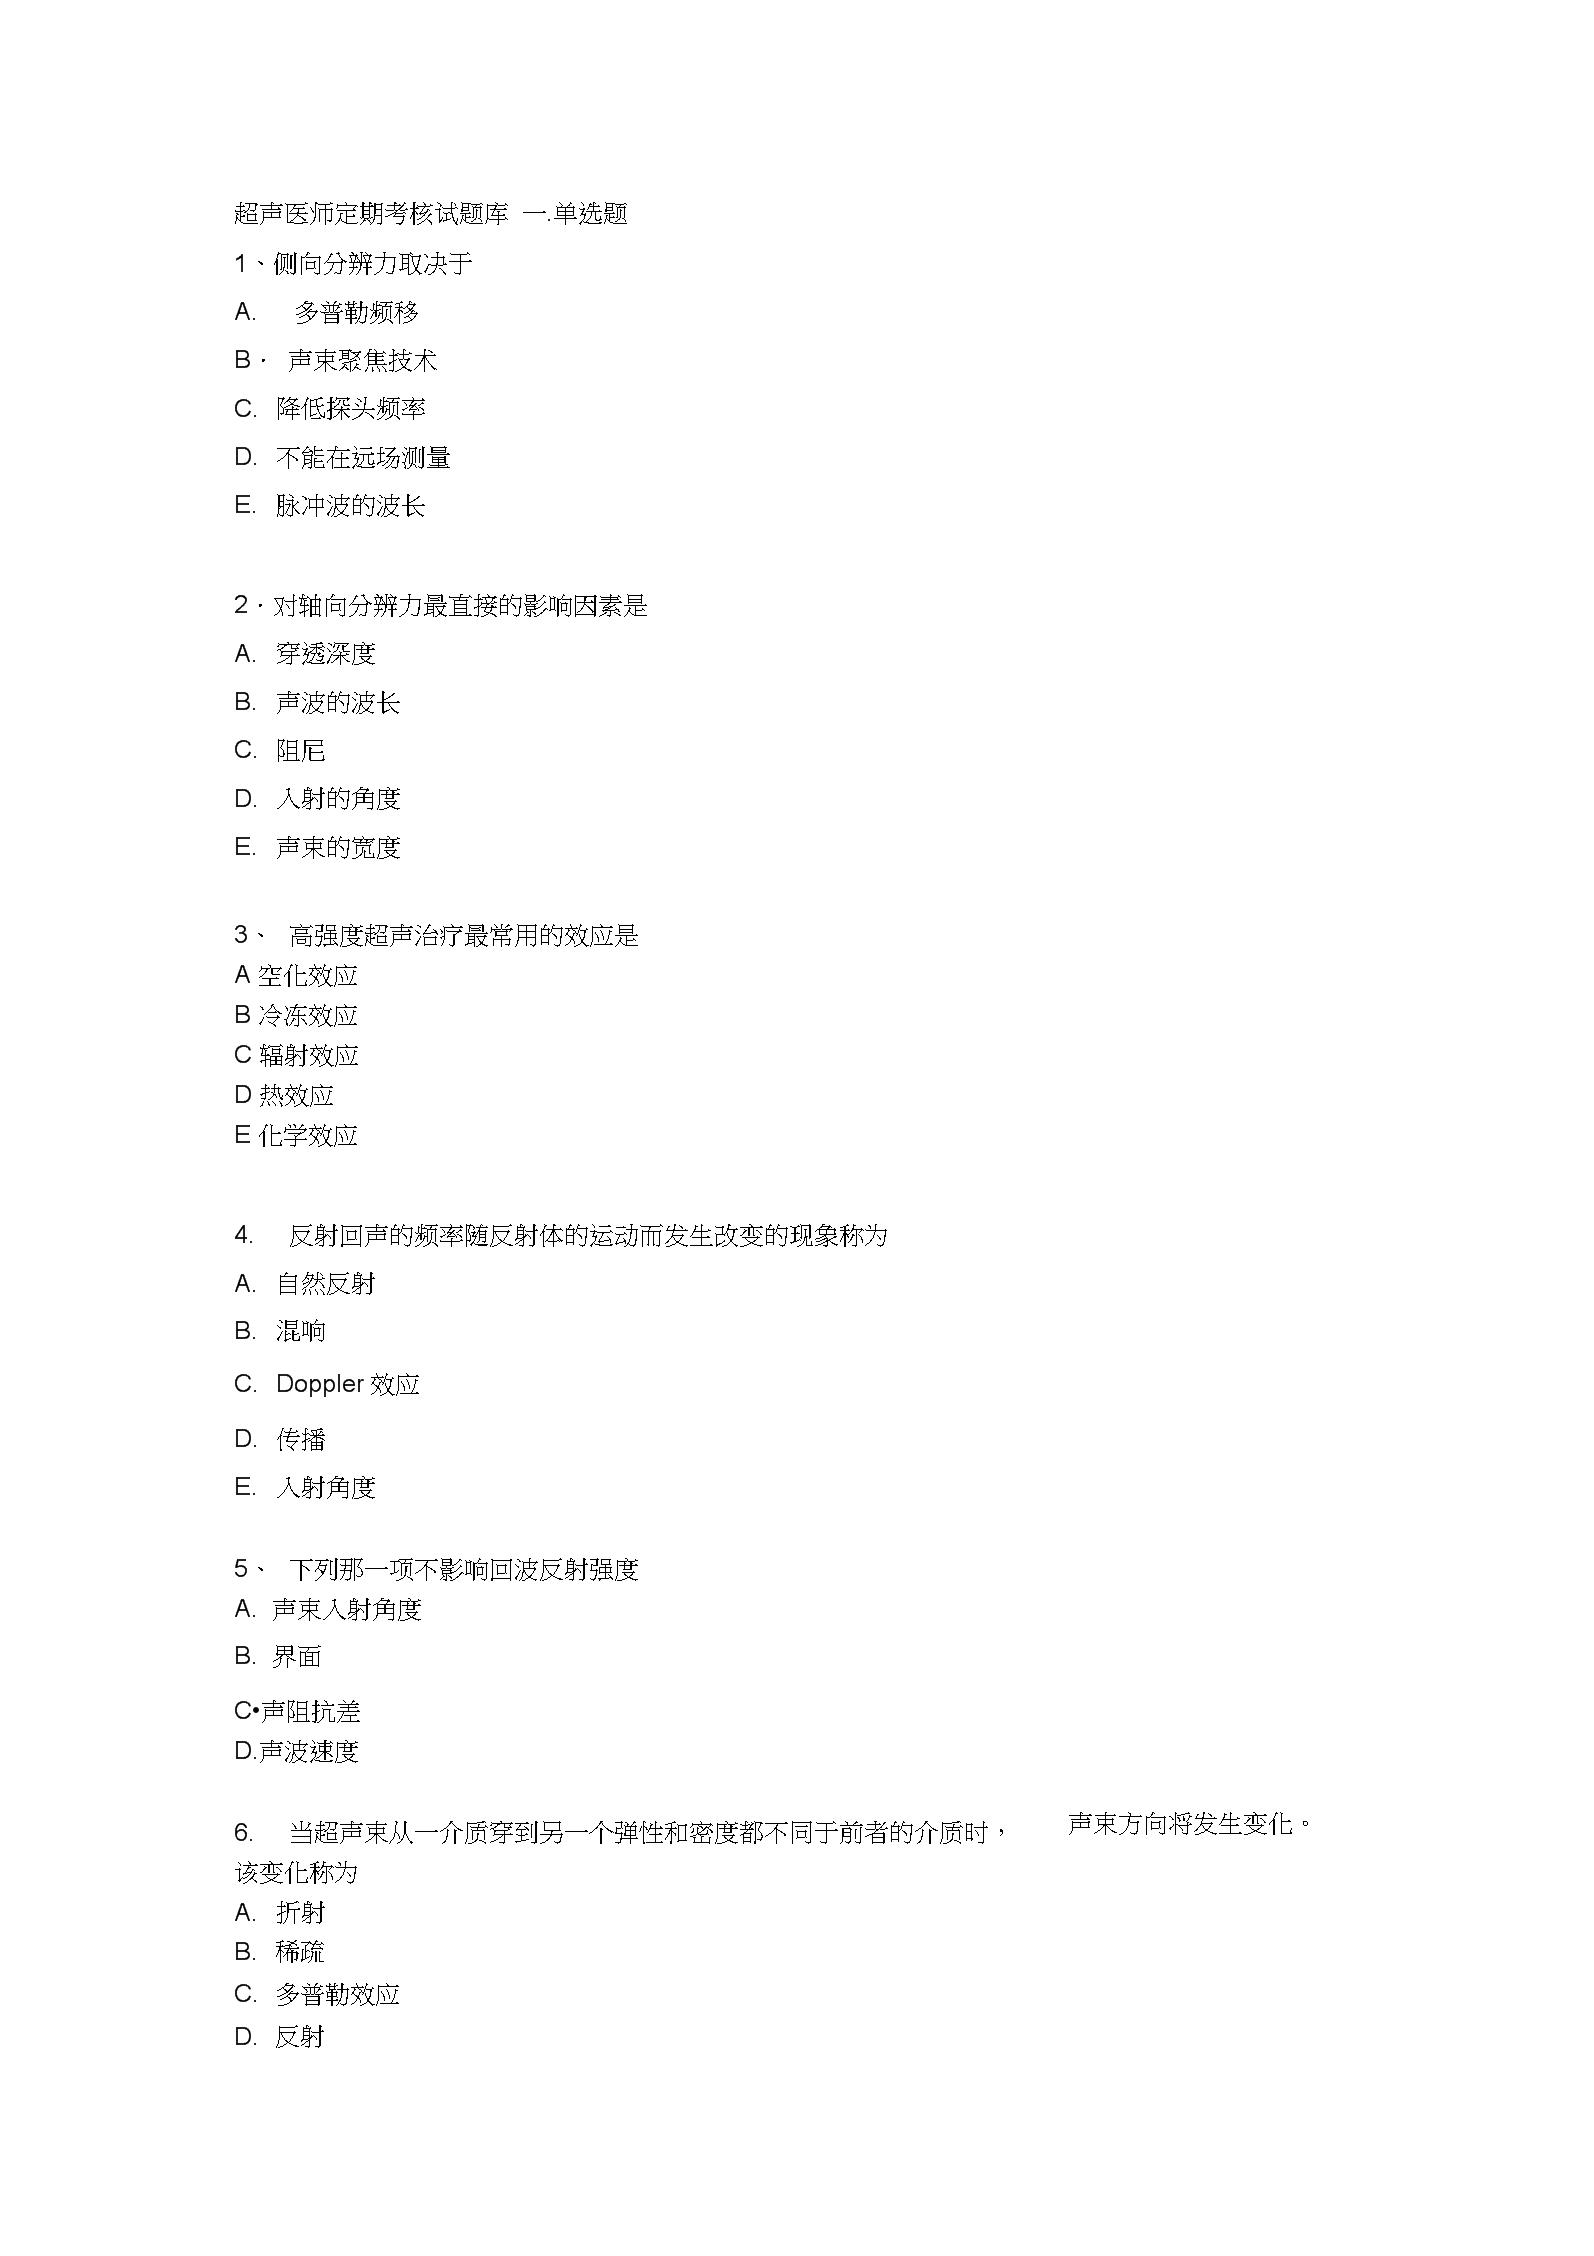 (完整版)医师定期考核试题库.docx